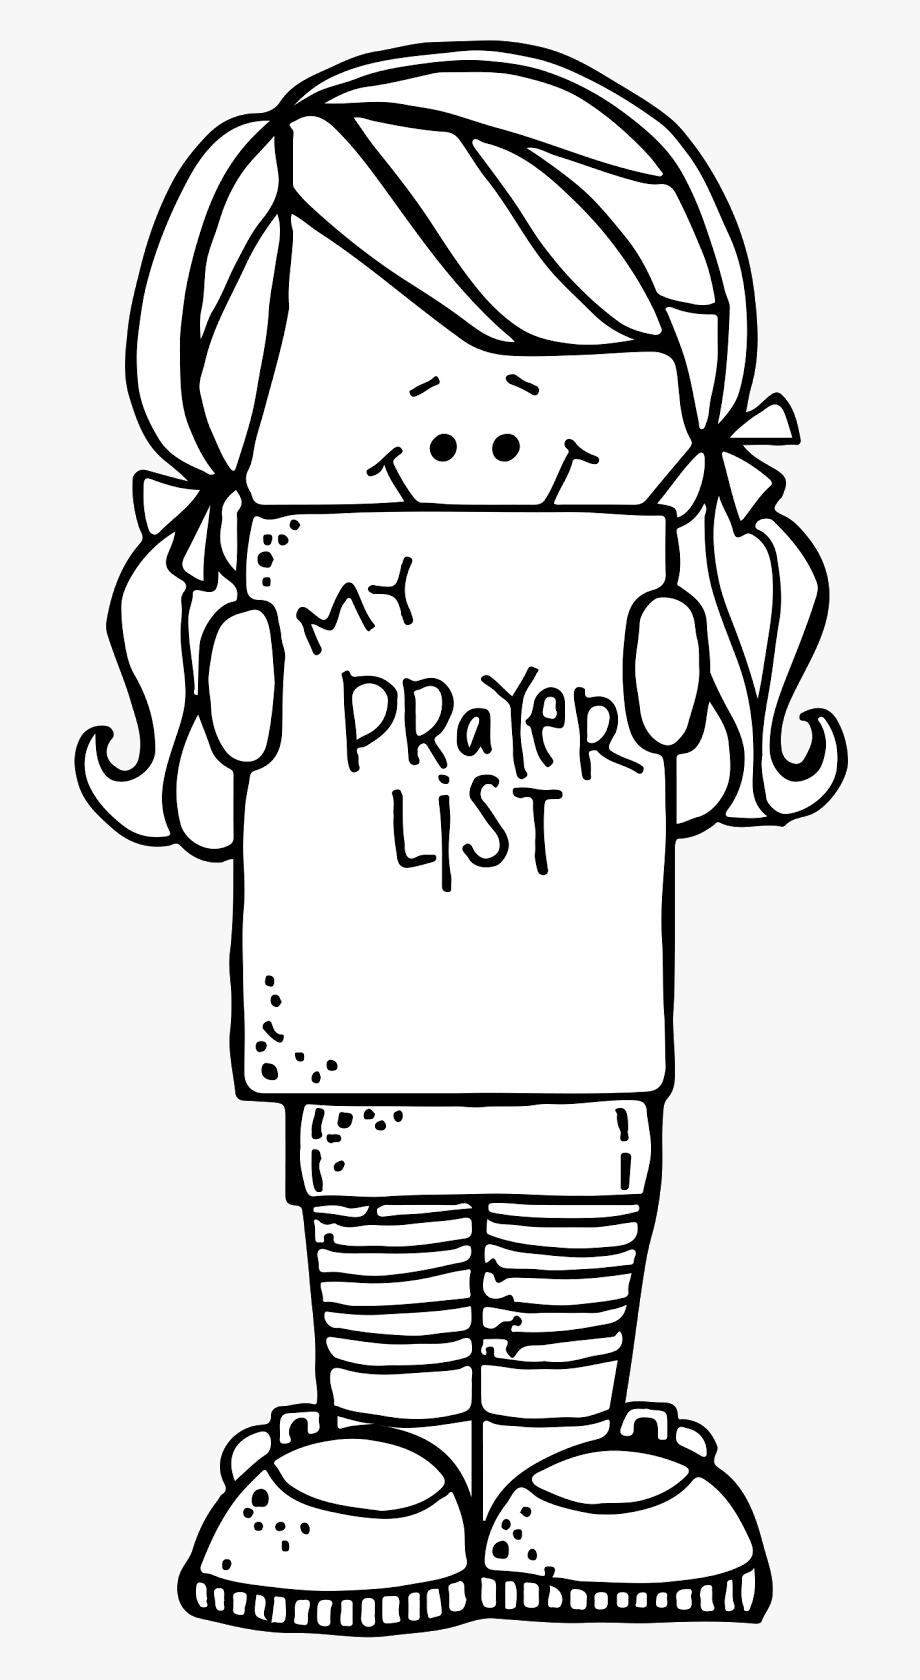 Prayer Clipart, Prayer List, Preschool Bible Lessons.